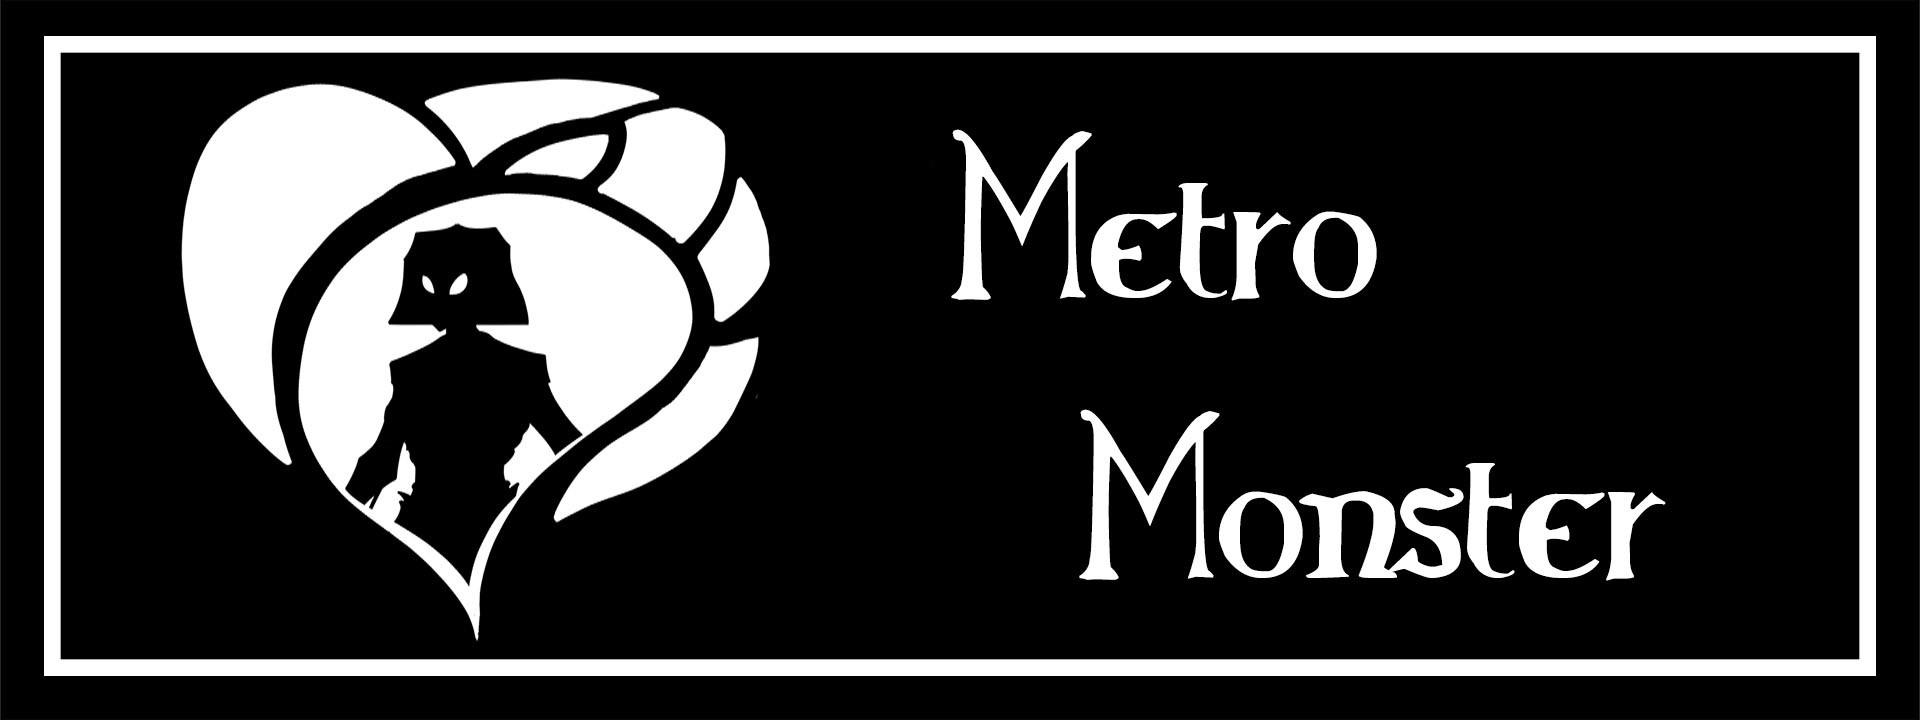 Metro Monster